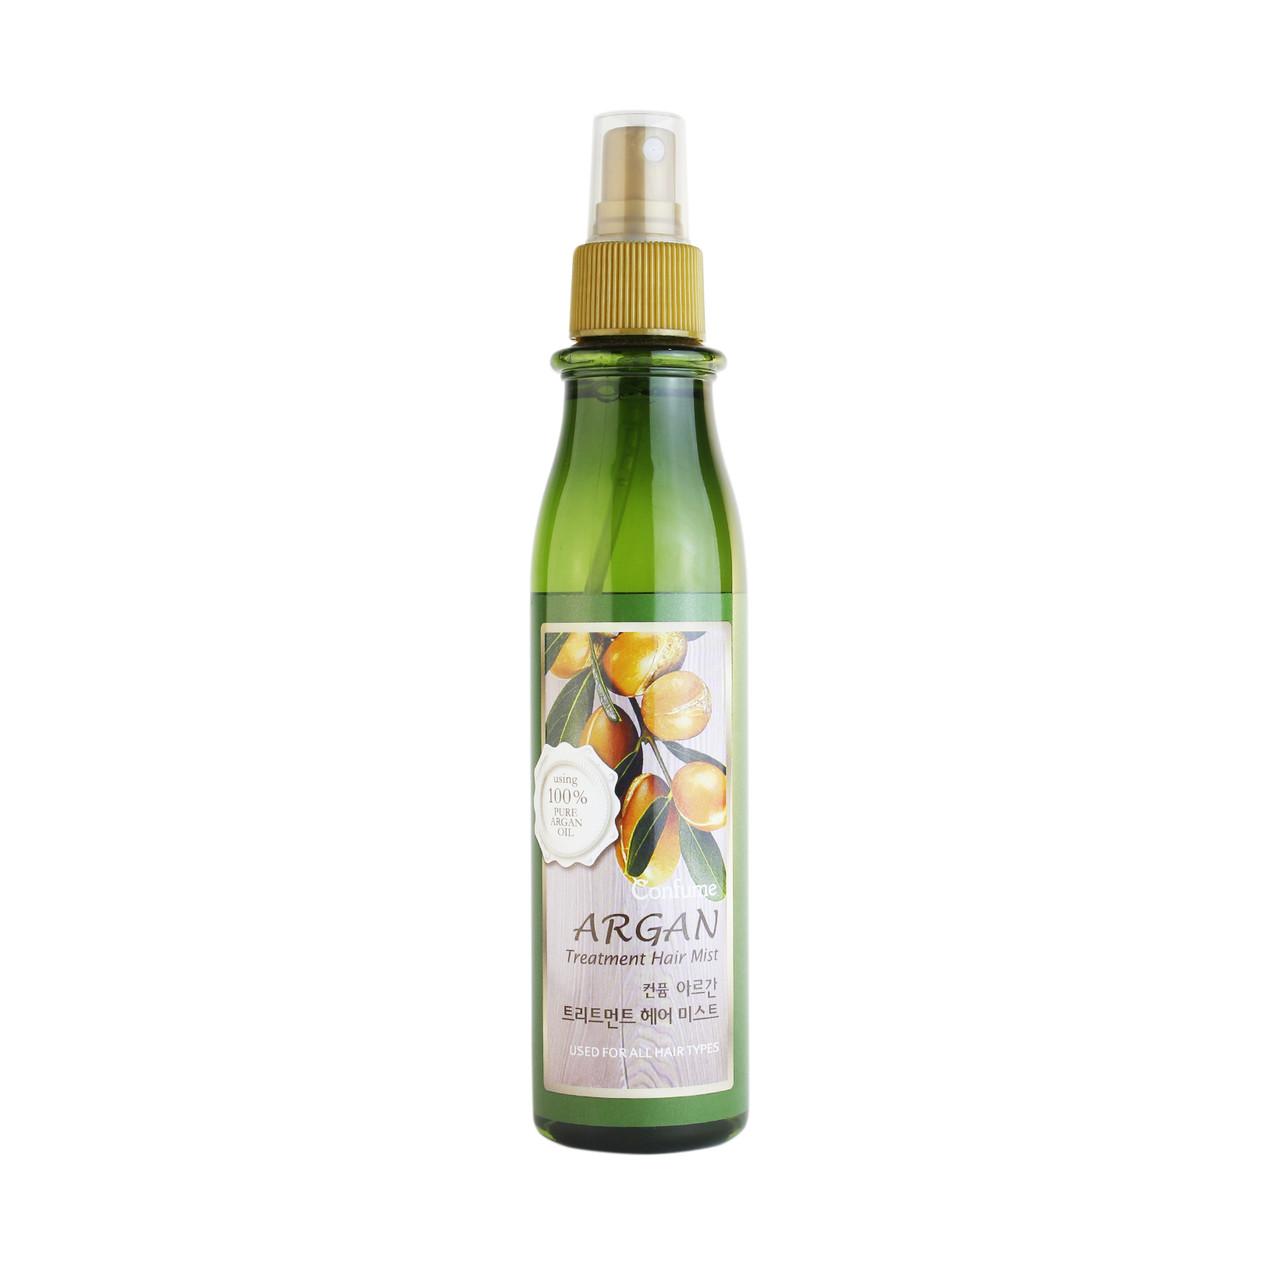 Welcos Спрей-мист для волос с аргановым маслом Confume Argan Treatment Hair Mist / 200 мл.